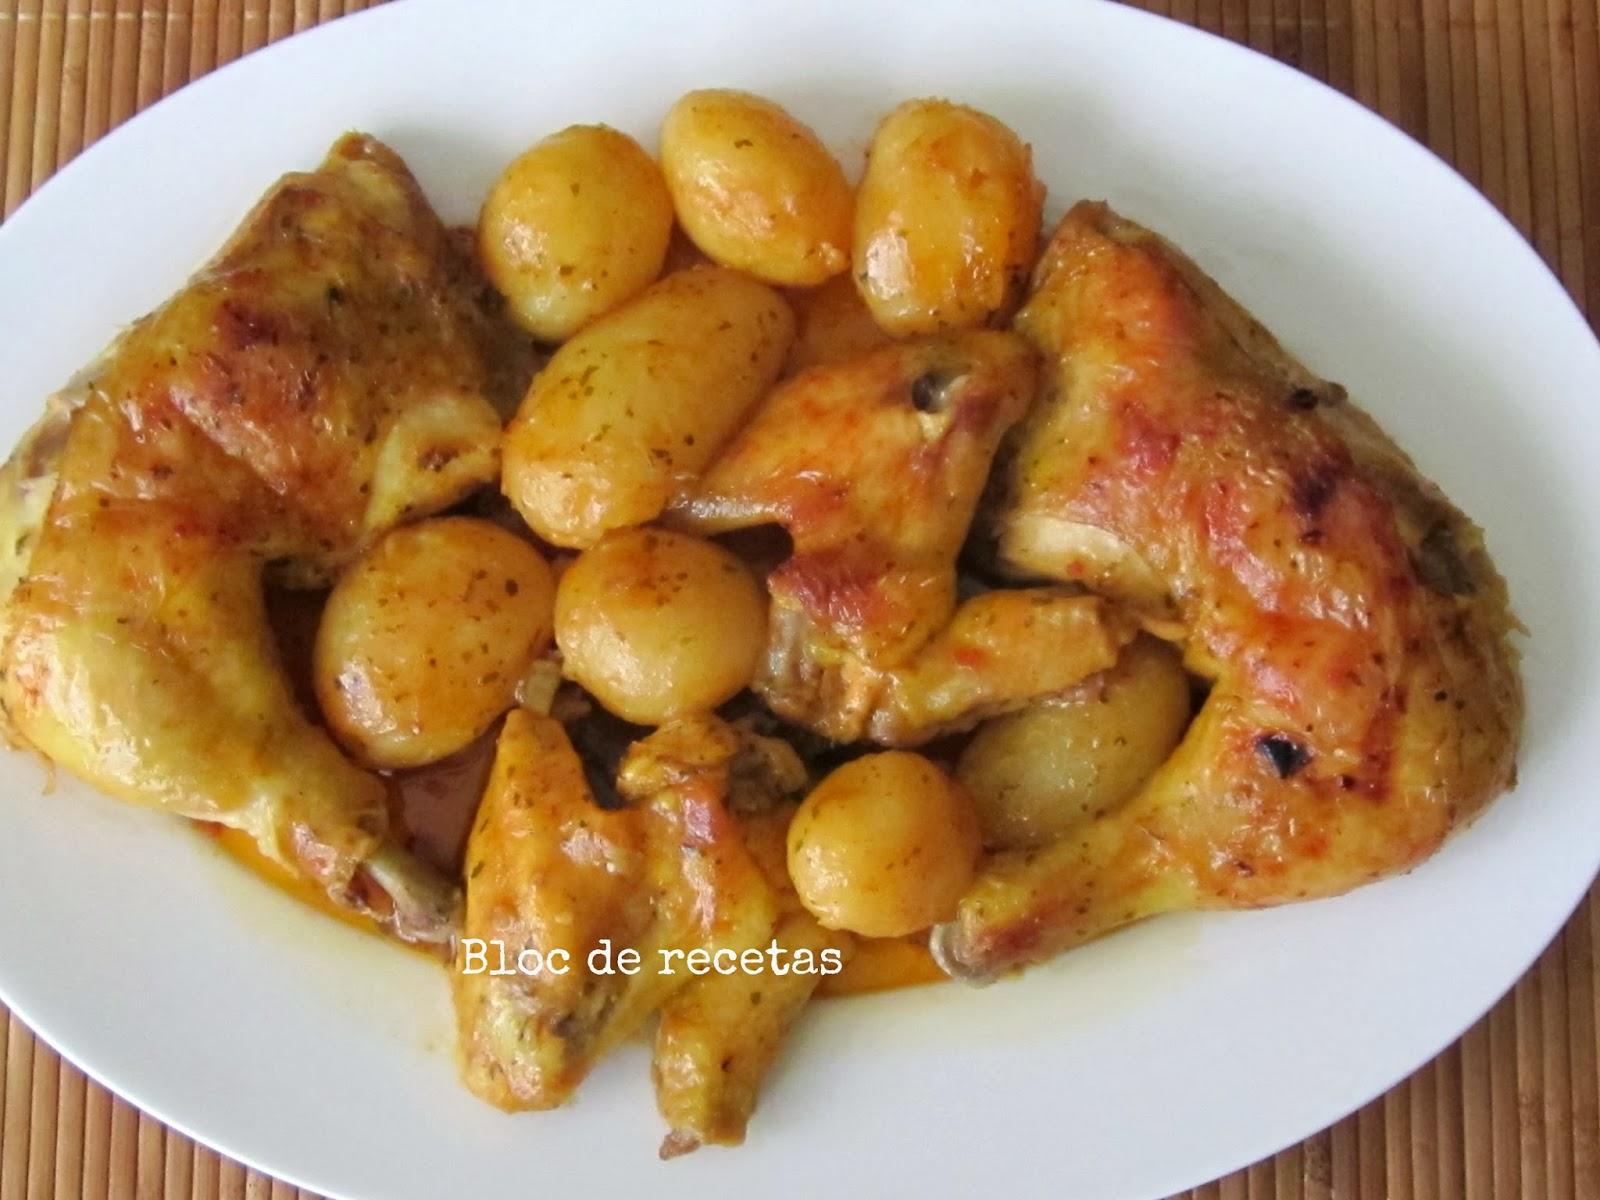 Bloc de recetas pollo al horno con patatas en bolsa de asar - Pollo al horno con limon y patatas ...